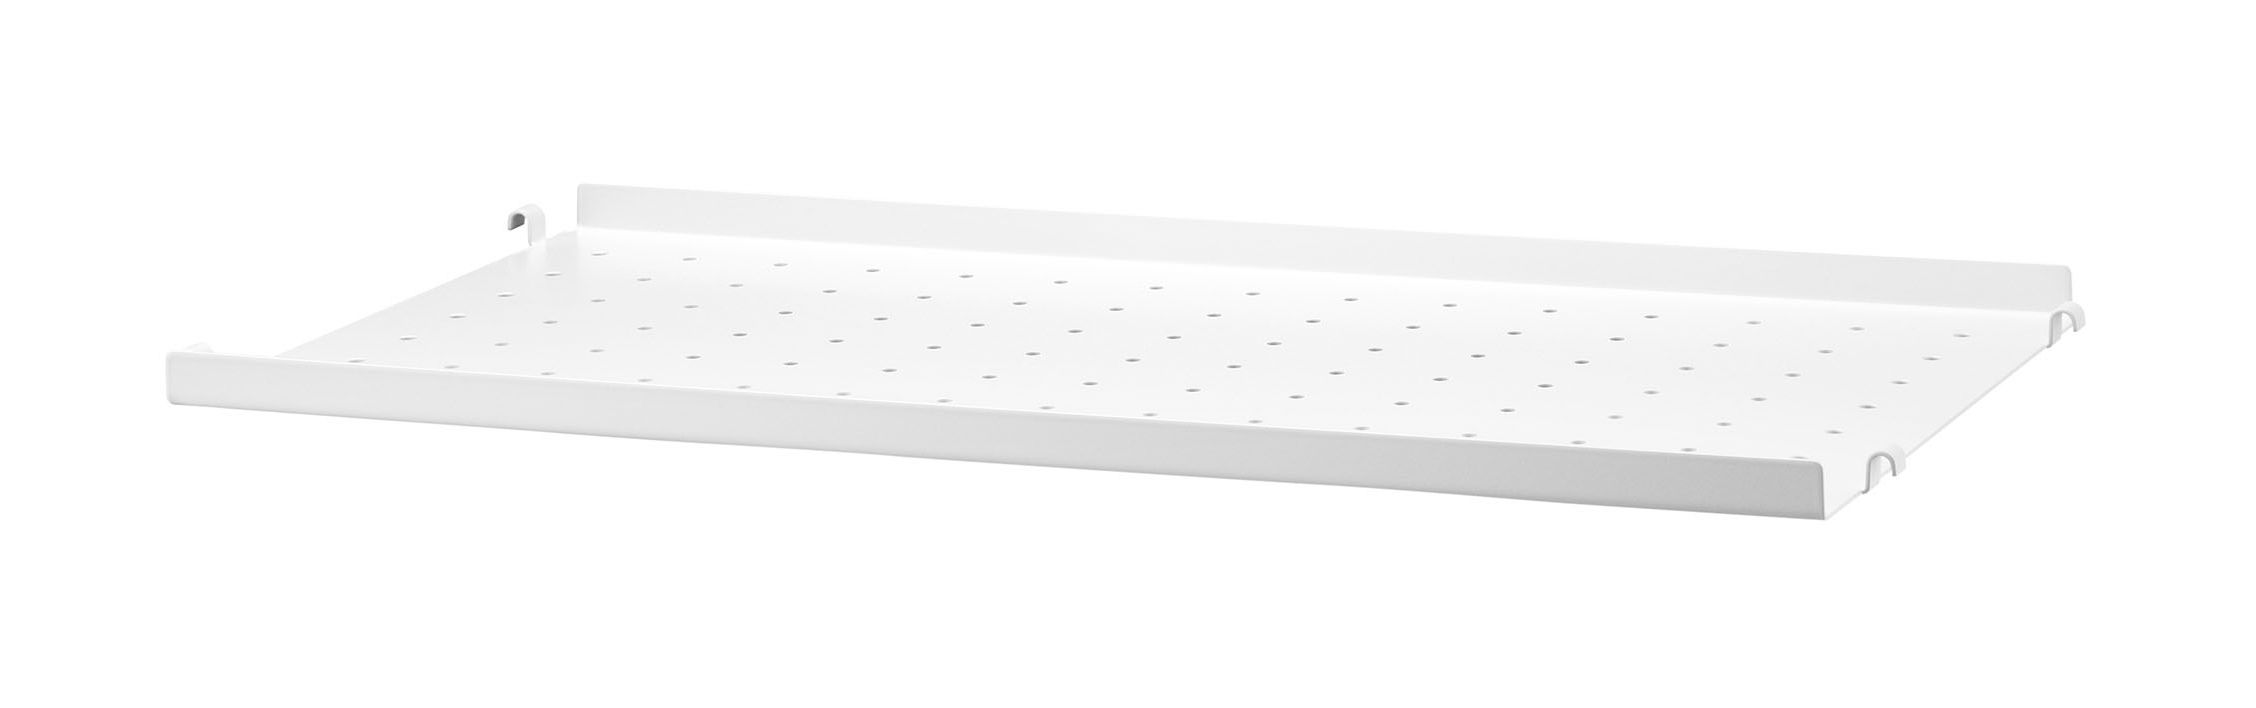 Möbel - Regale und Bücherregale - String System Regal / Lochblech, flacher Rand - L 58 cm x T 30 cm - String Furniture - L 58 cm / weiß - lackiertes Metall